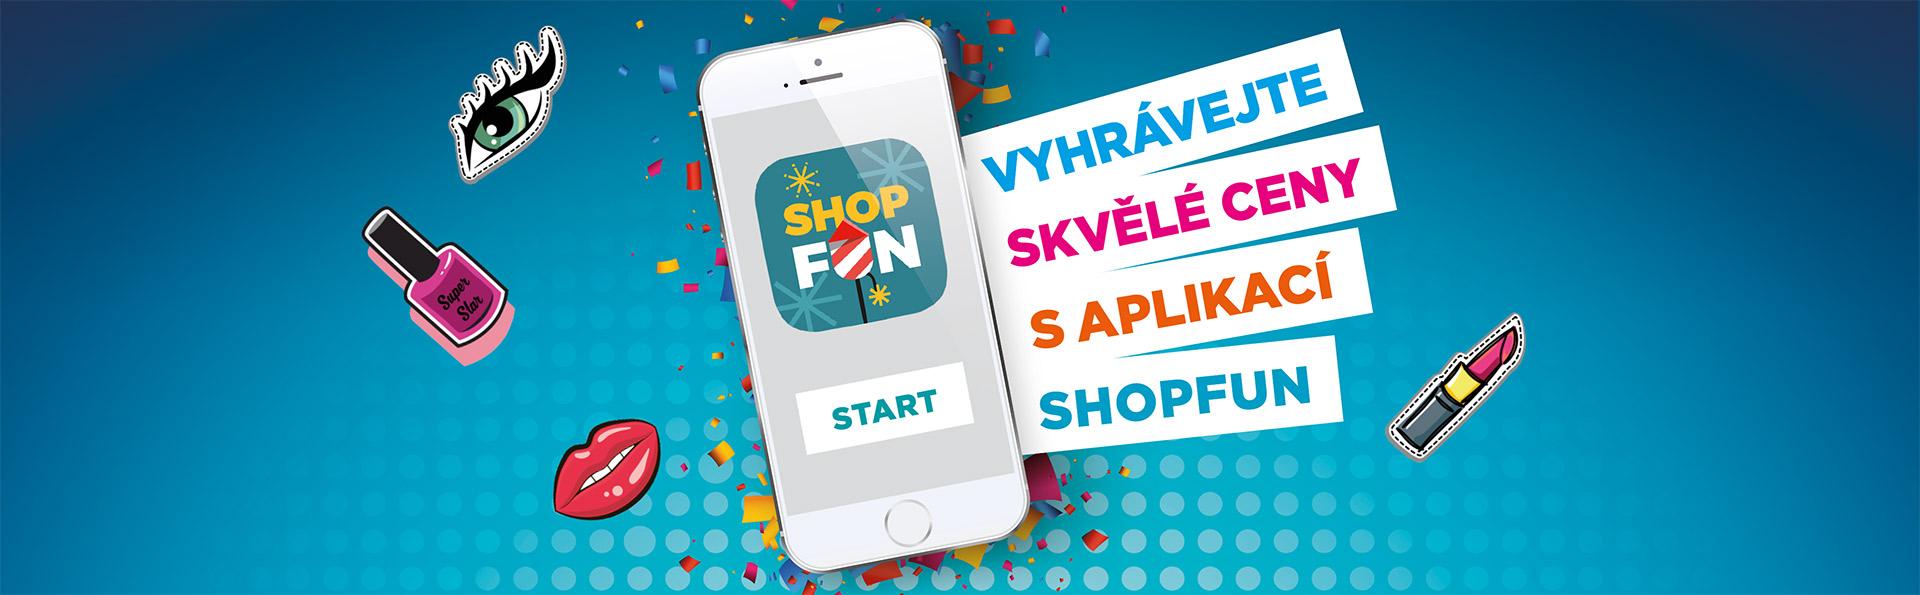 Shopfun